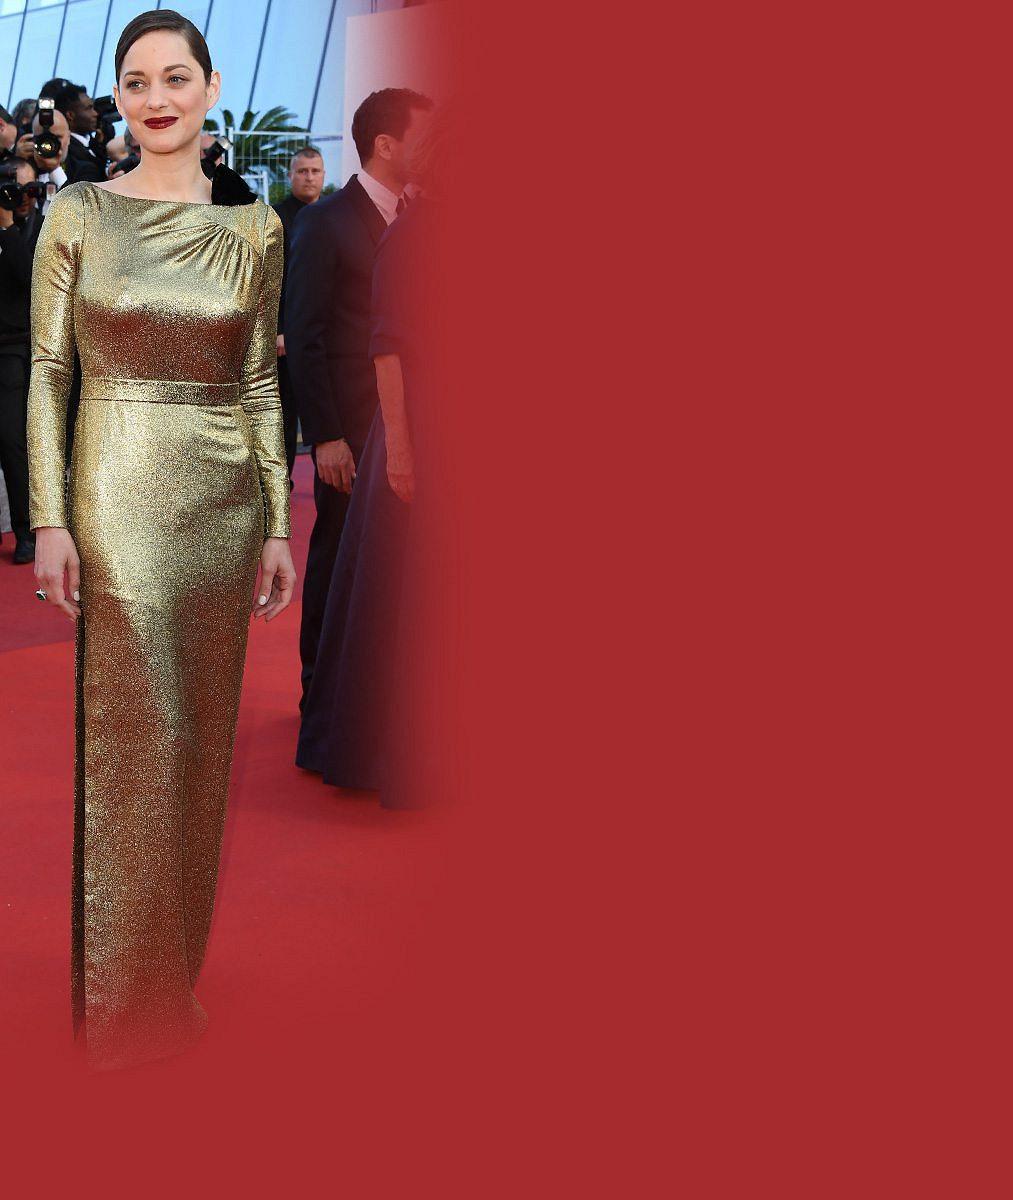 Kůži držitelka Českého lva v Cannes neukázala, přesto od ní nešel na rudém koberci odtrhnout zrak